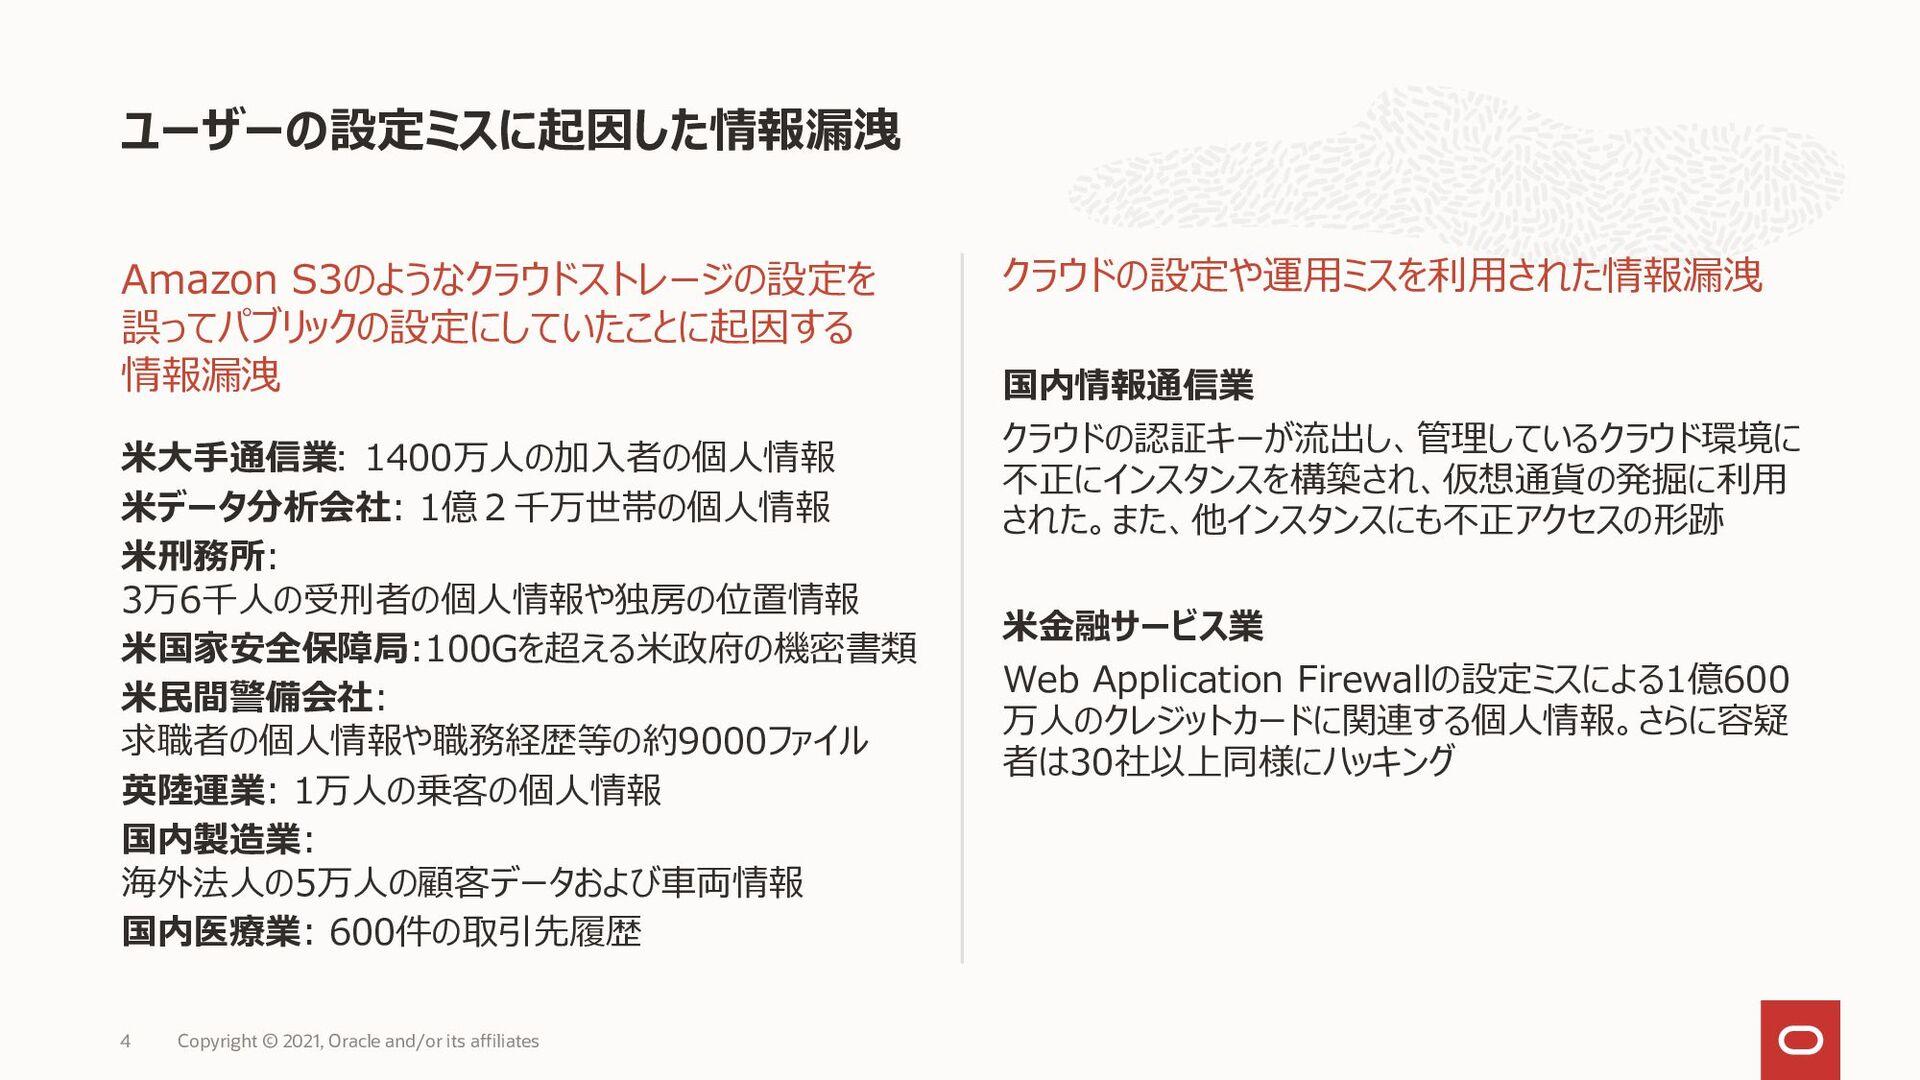 ユーザーの設定ミスによる情報漏洩リスク Amazon S3のようなクラウドストレージの設定を ...